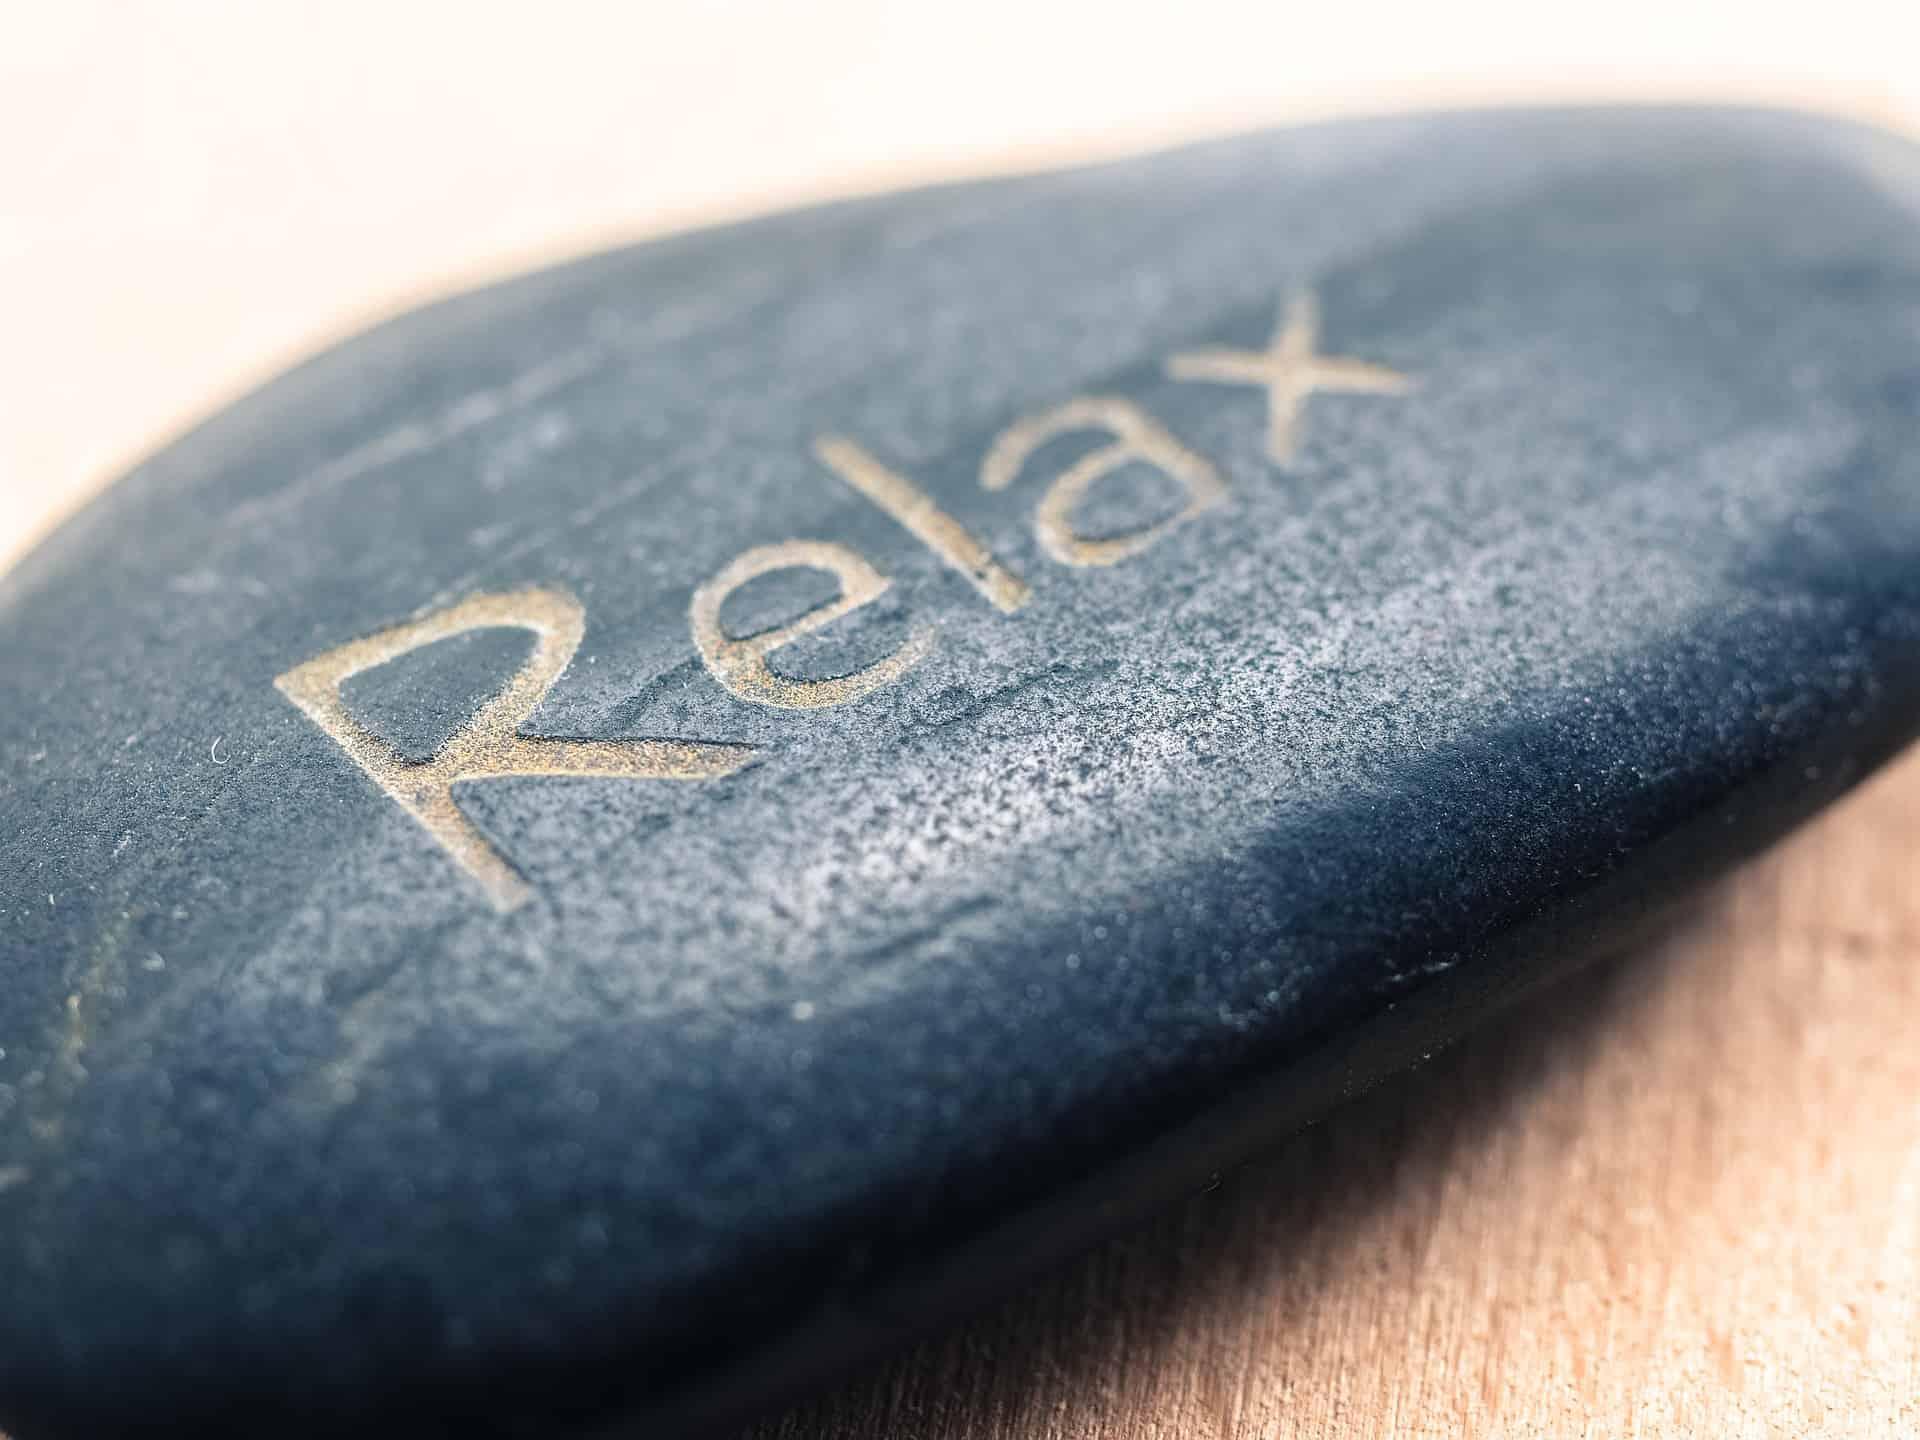 Entspannung geschrieben auf einen Stein. Diese Symbolik wird oft im Zen verwendet. Die Zenmönche sind Meister der Entspannung. Ihre Übung besteht aus einfacher Meditation und Gehen.